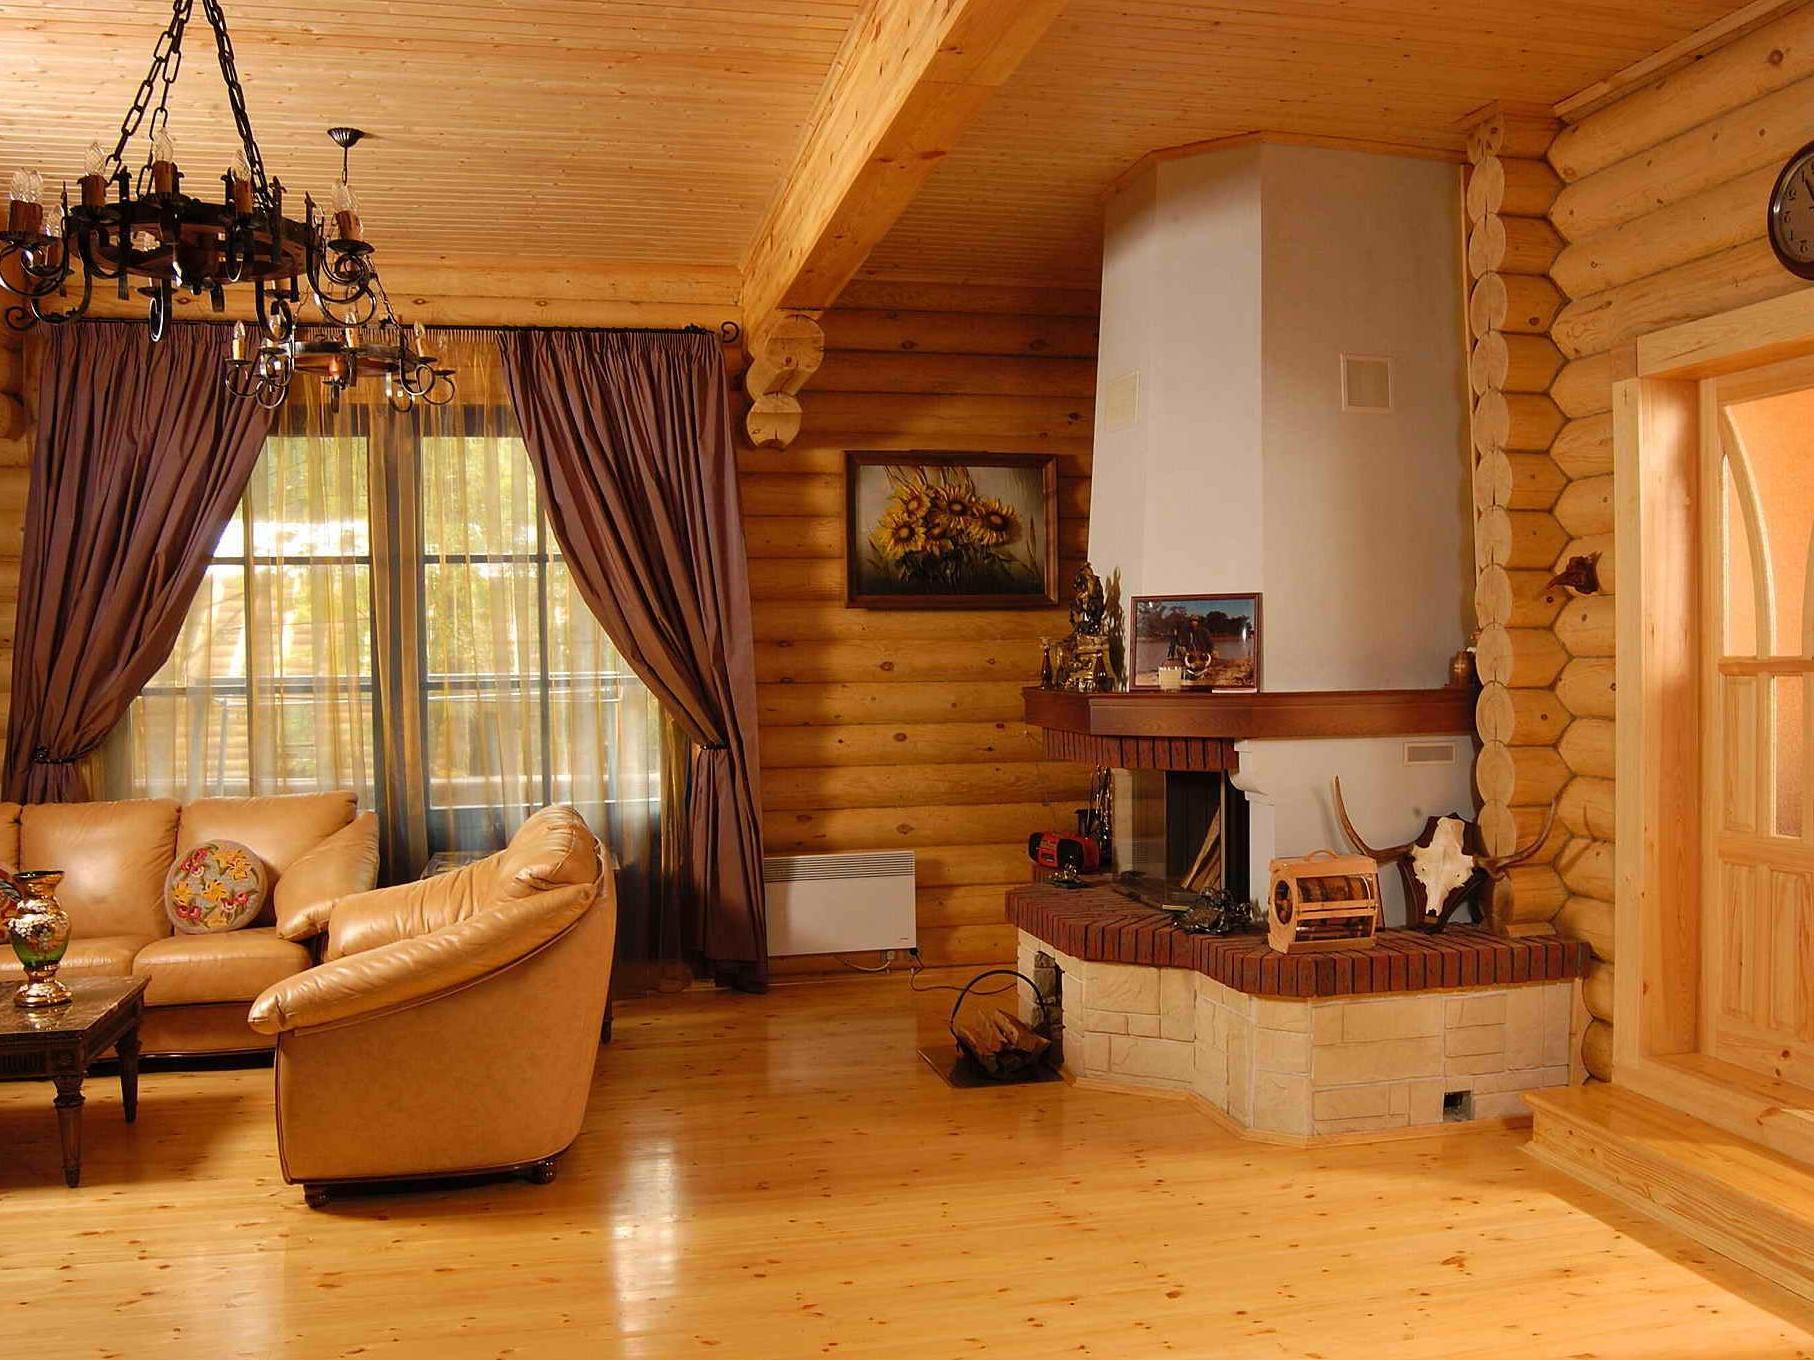 Блок-хаус в интерьере гостиной